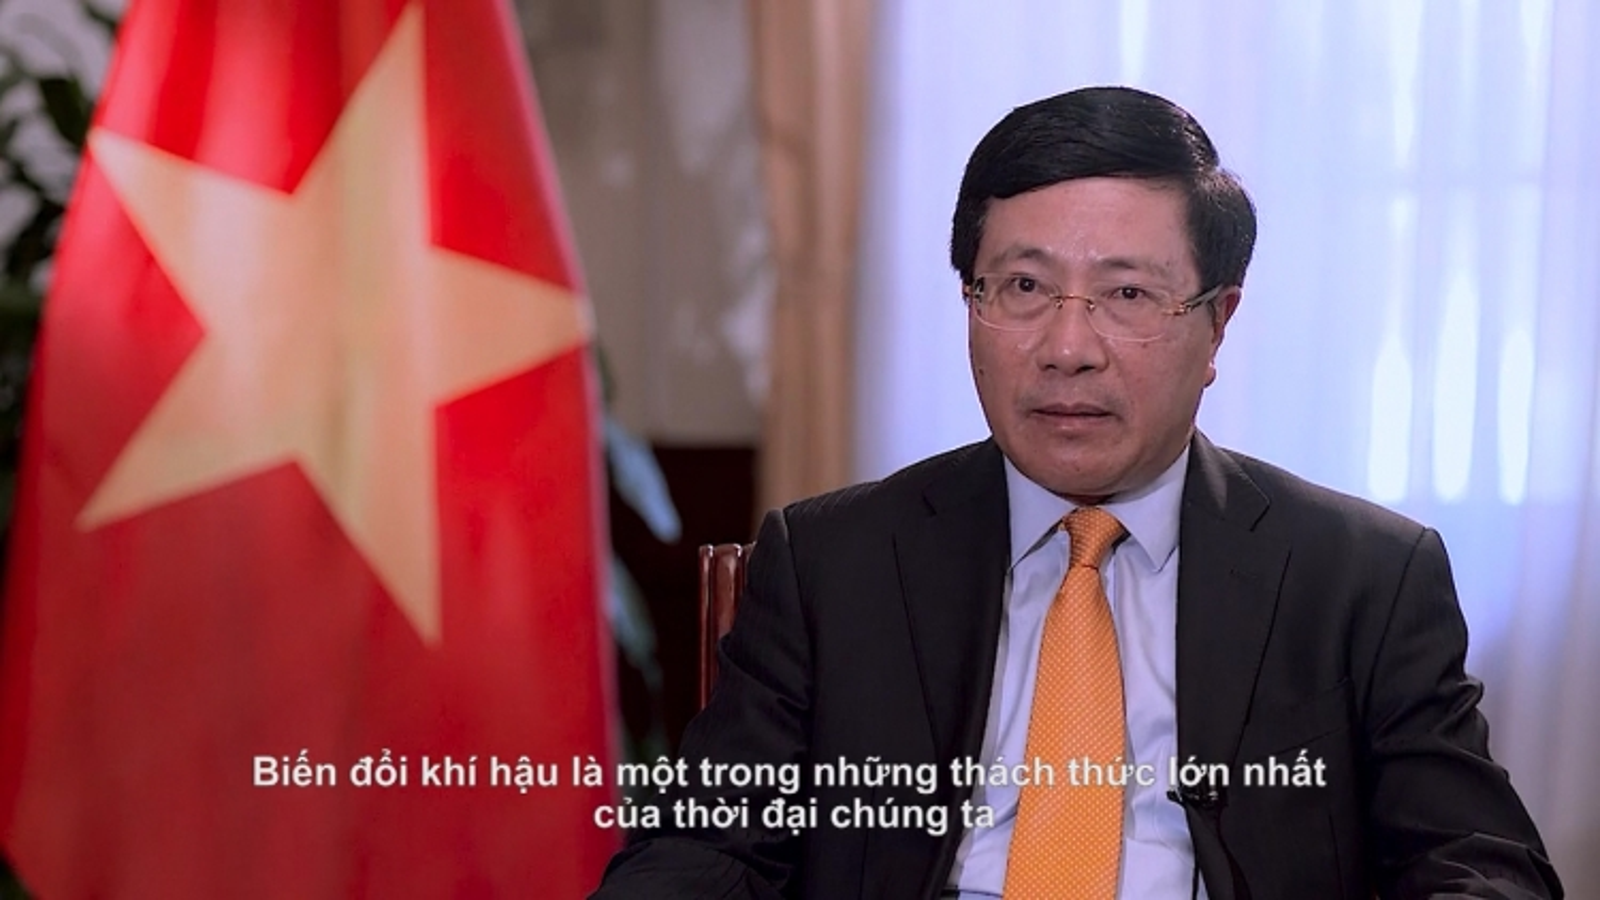 Thông điệp của Việt Nam tại Hội nghị An ninh và Khí hậu Berlin lần 2